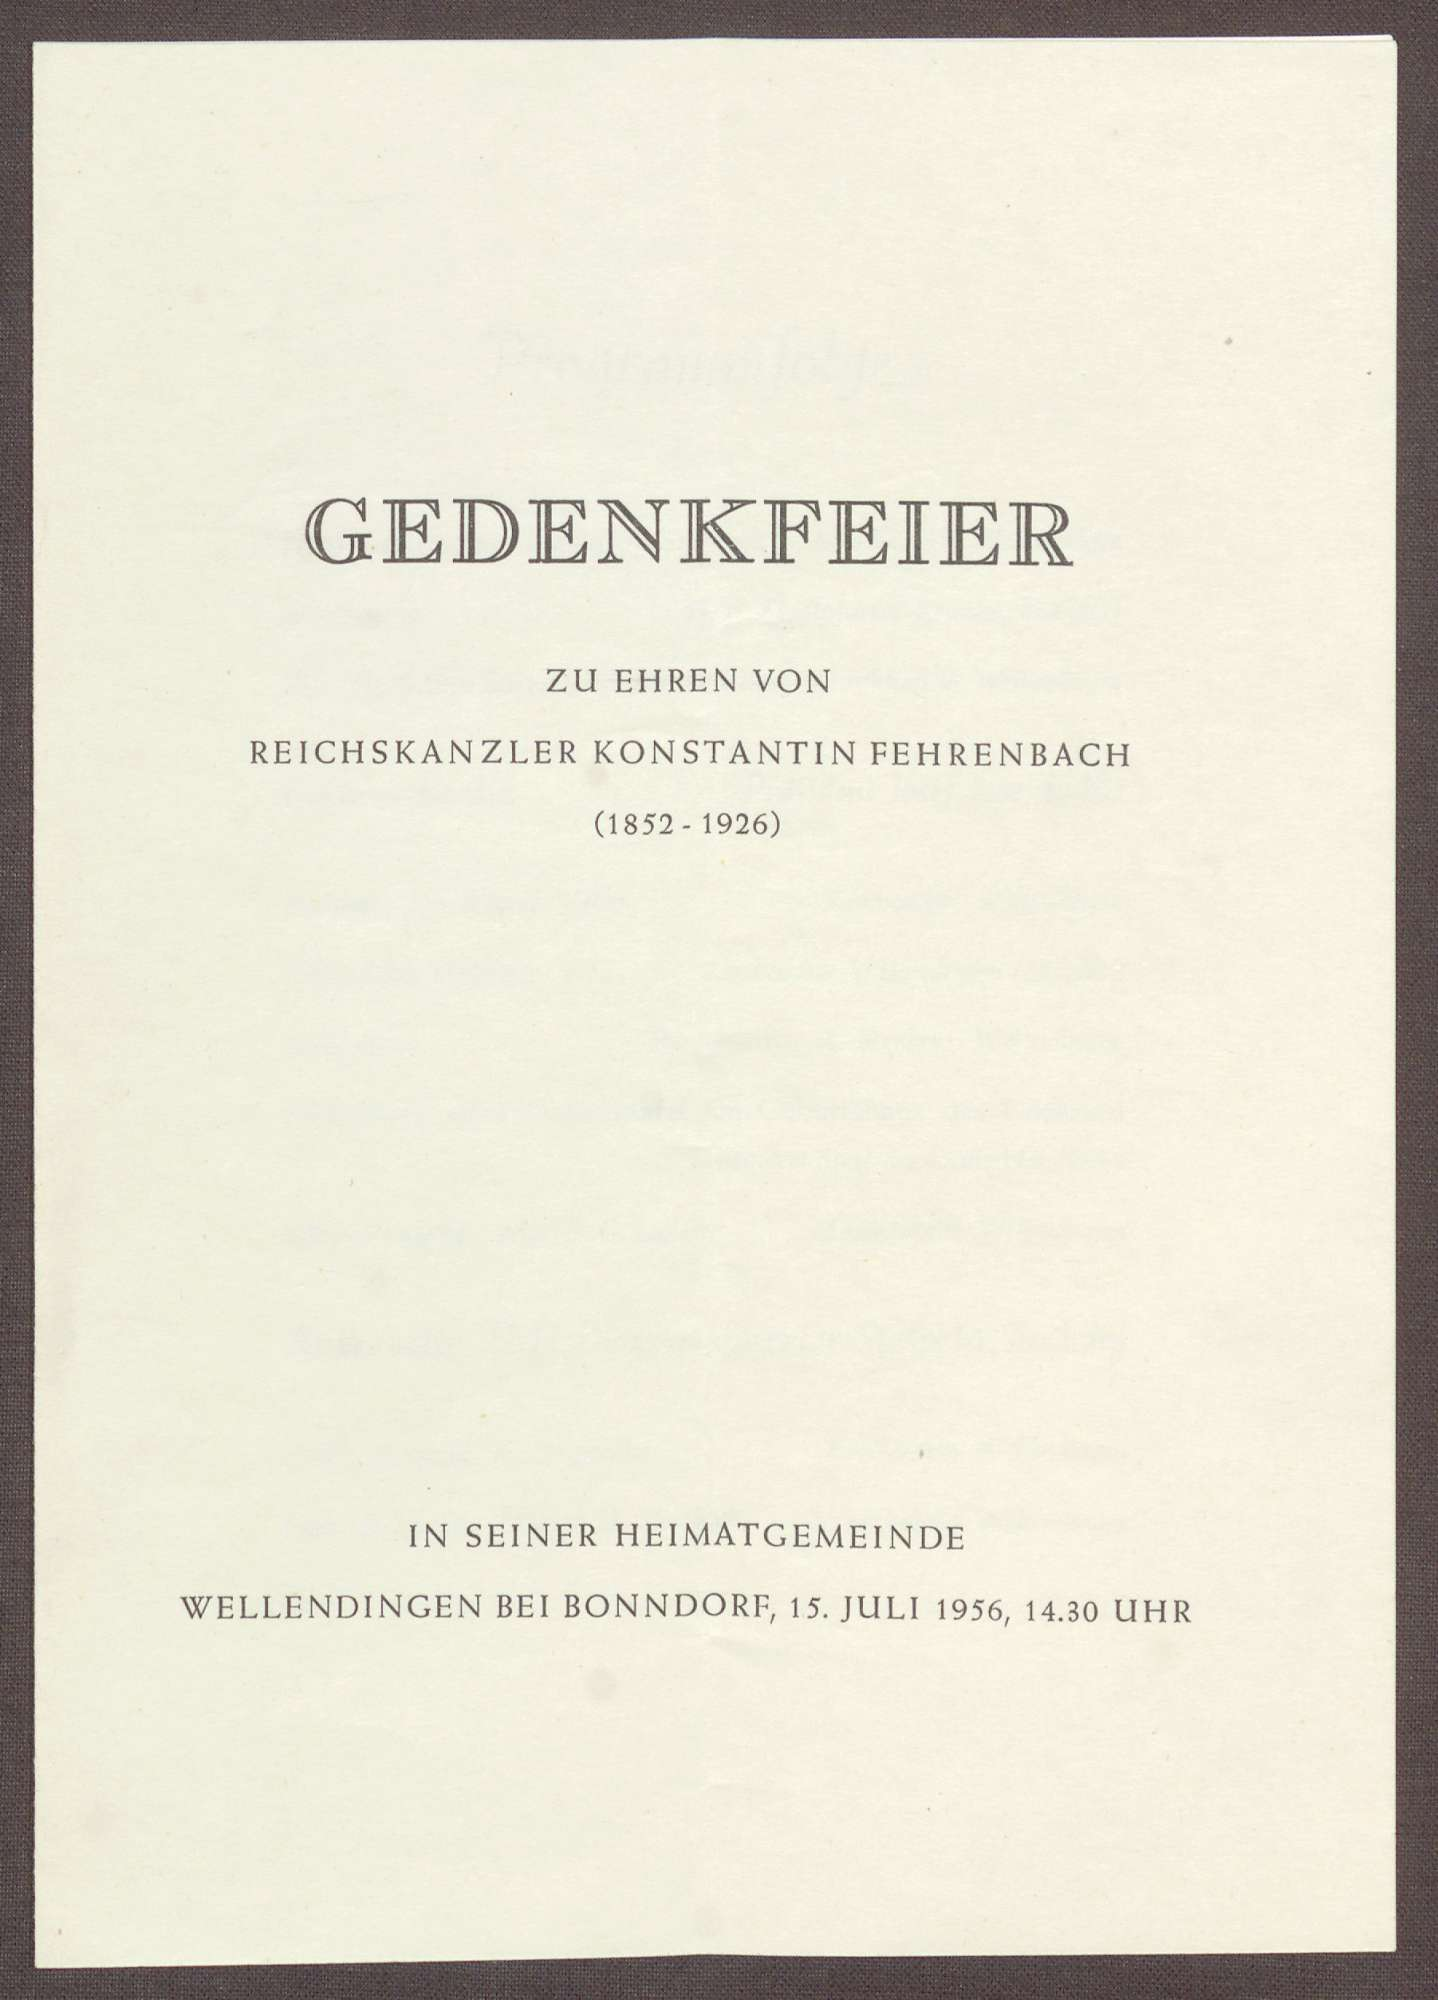 Programm zur Gedenkfeier für Constantin Fehrenbach von dessen Heimatgemeinde Wellendingen bei Bonndorf, Bild 1